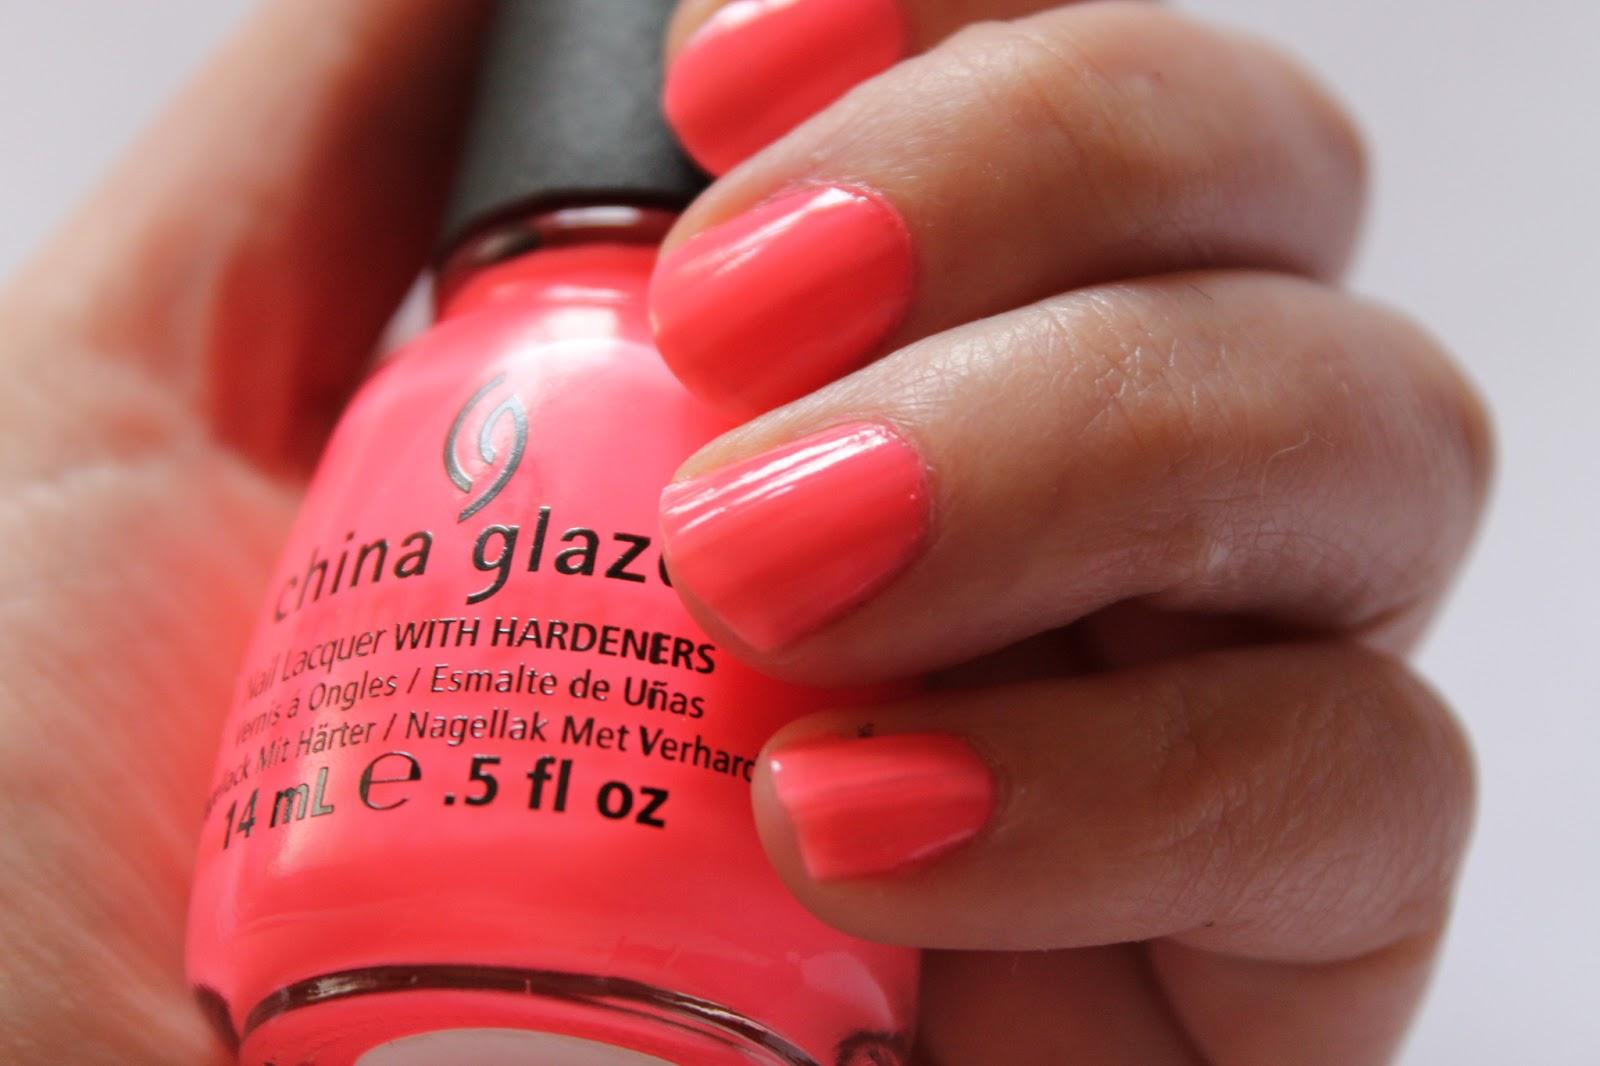 shell-o_china_glaze